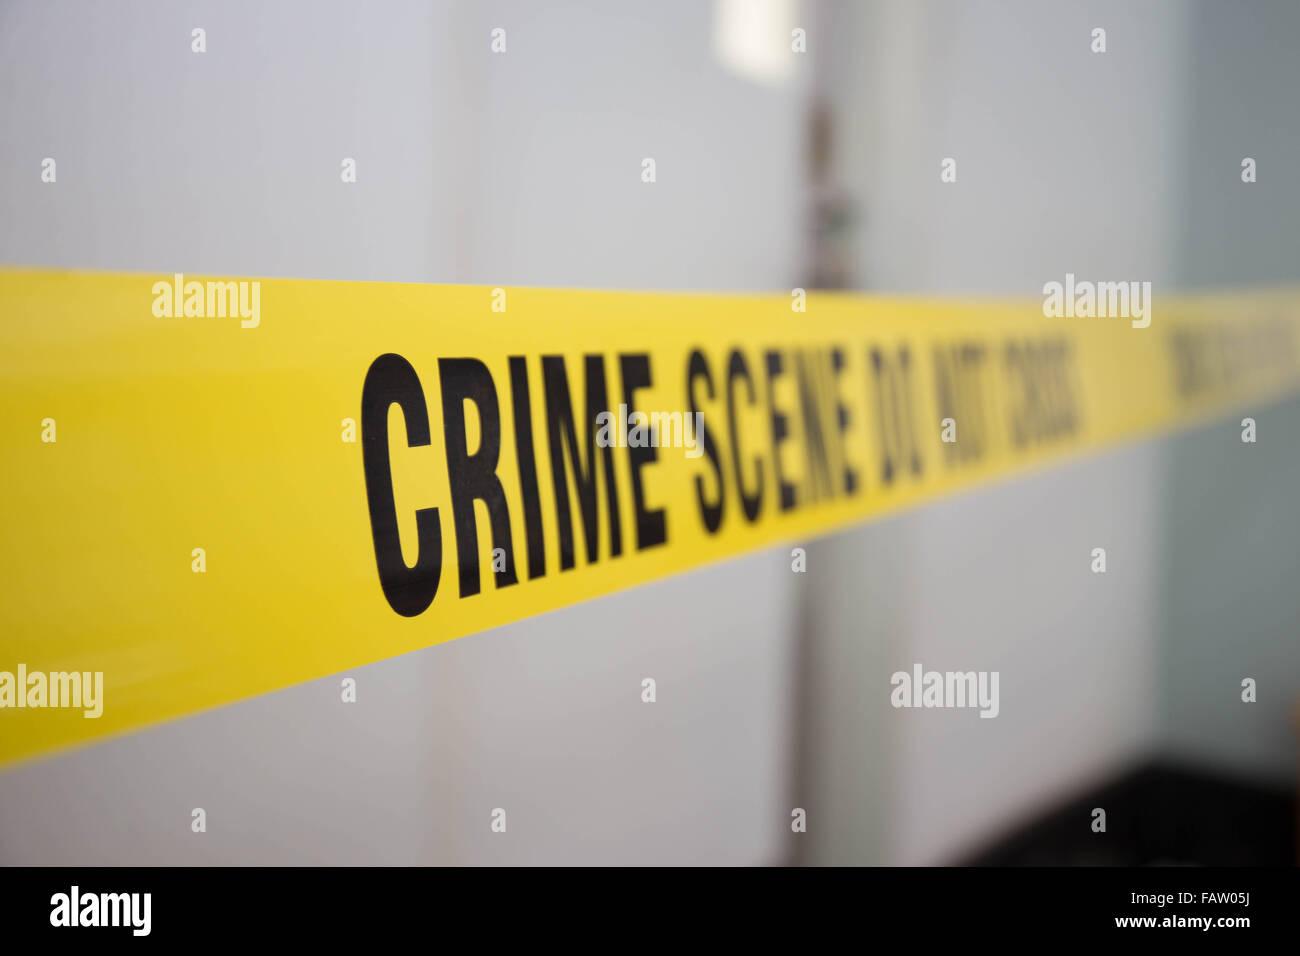 Verbrechen-Szene-Band Gebiet für die Strafverfolgung schützen Stockbild